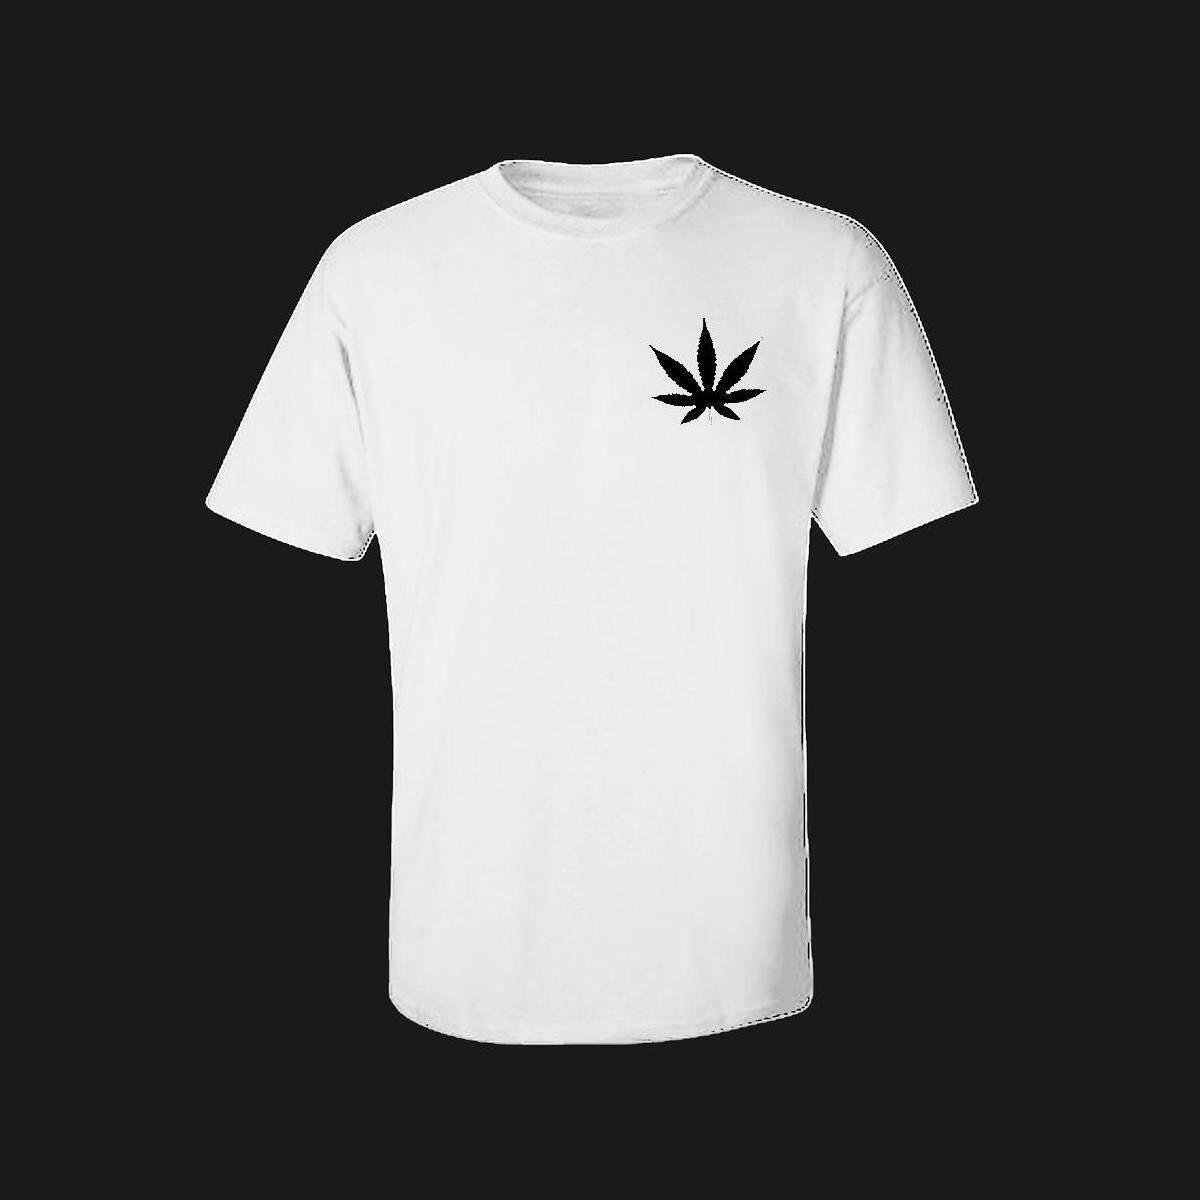 d194418af83360 Printed Tee Shirt Men Casual Short Sleeve T Shirt Summer Cotton T-Shirt For  Men